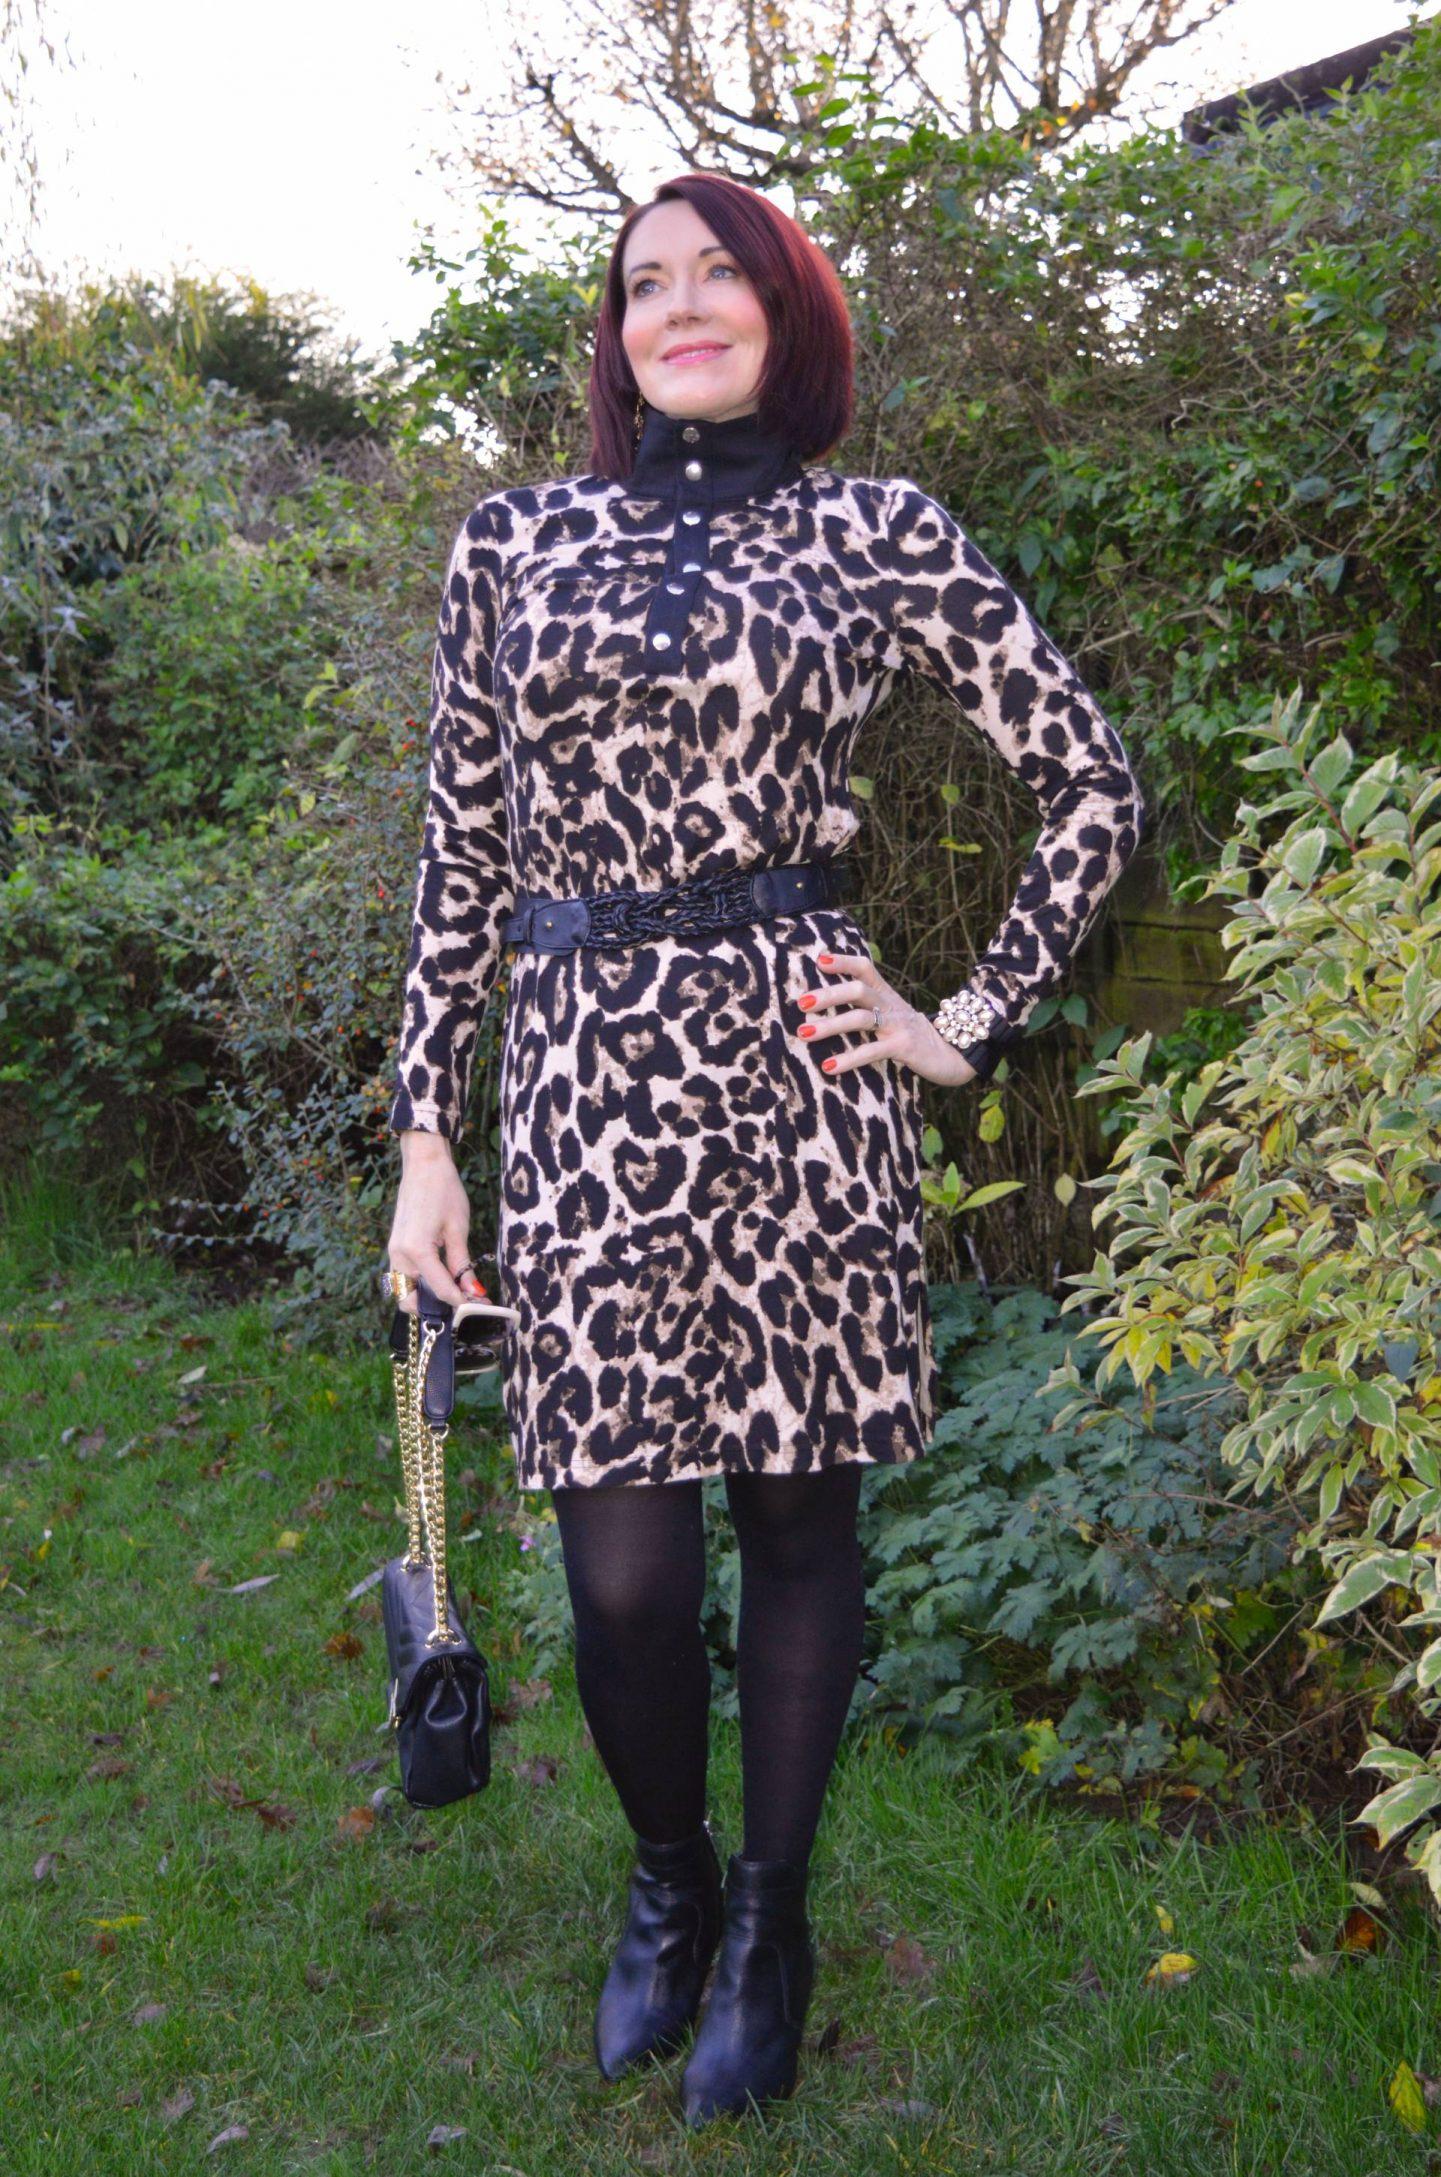 Baum und Pferdgarten Leopard Print Jersey Dress, Jennifer Hamley vegan leather bag